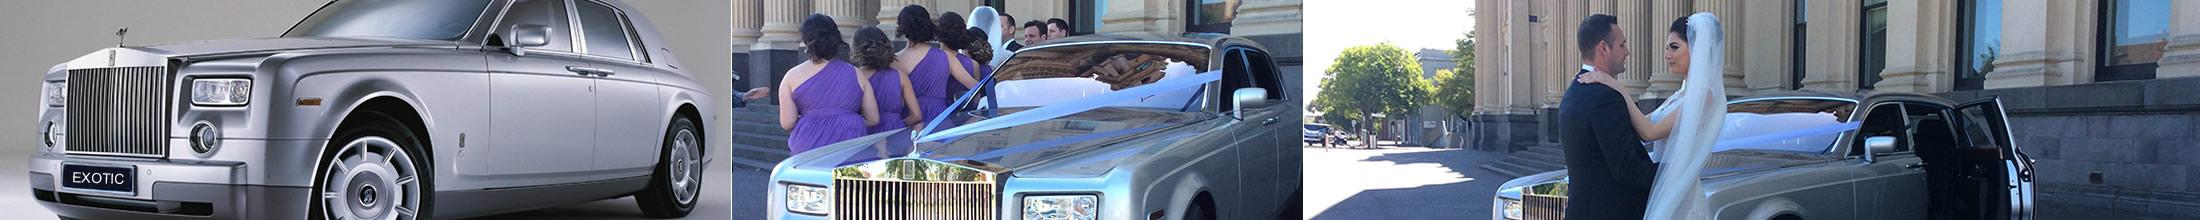 Rolls Royce Phantom – Silver